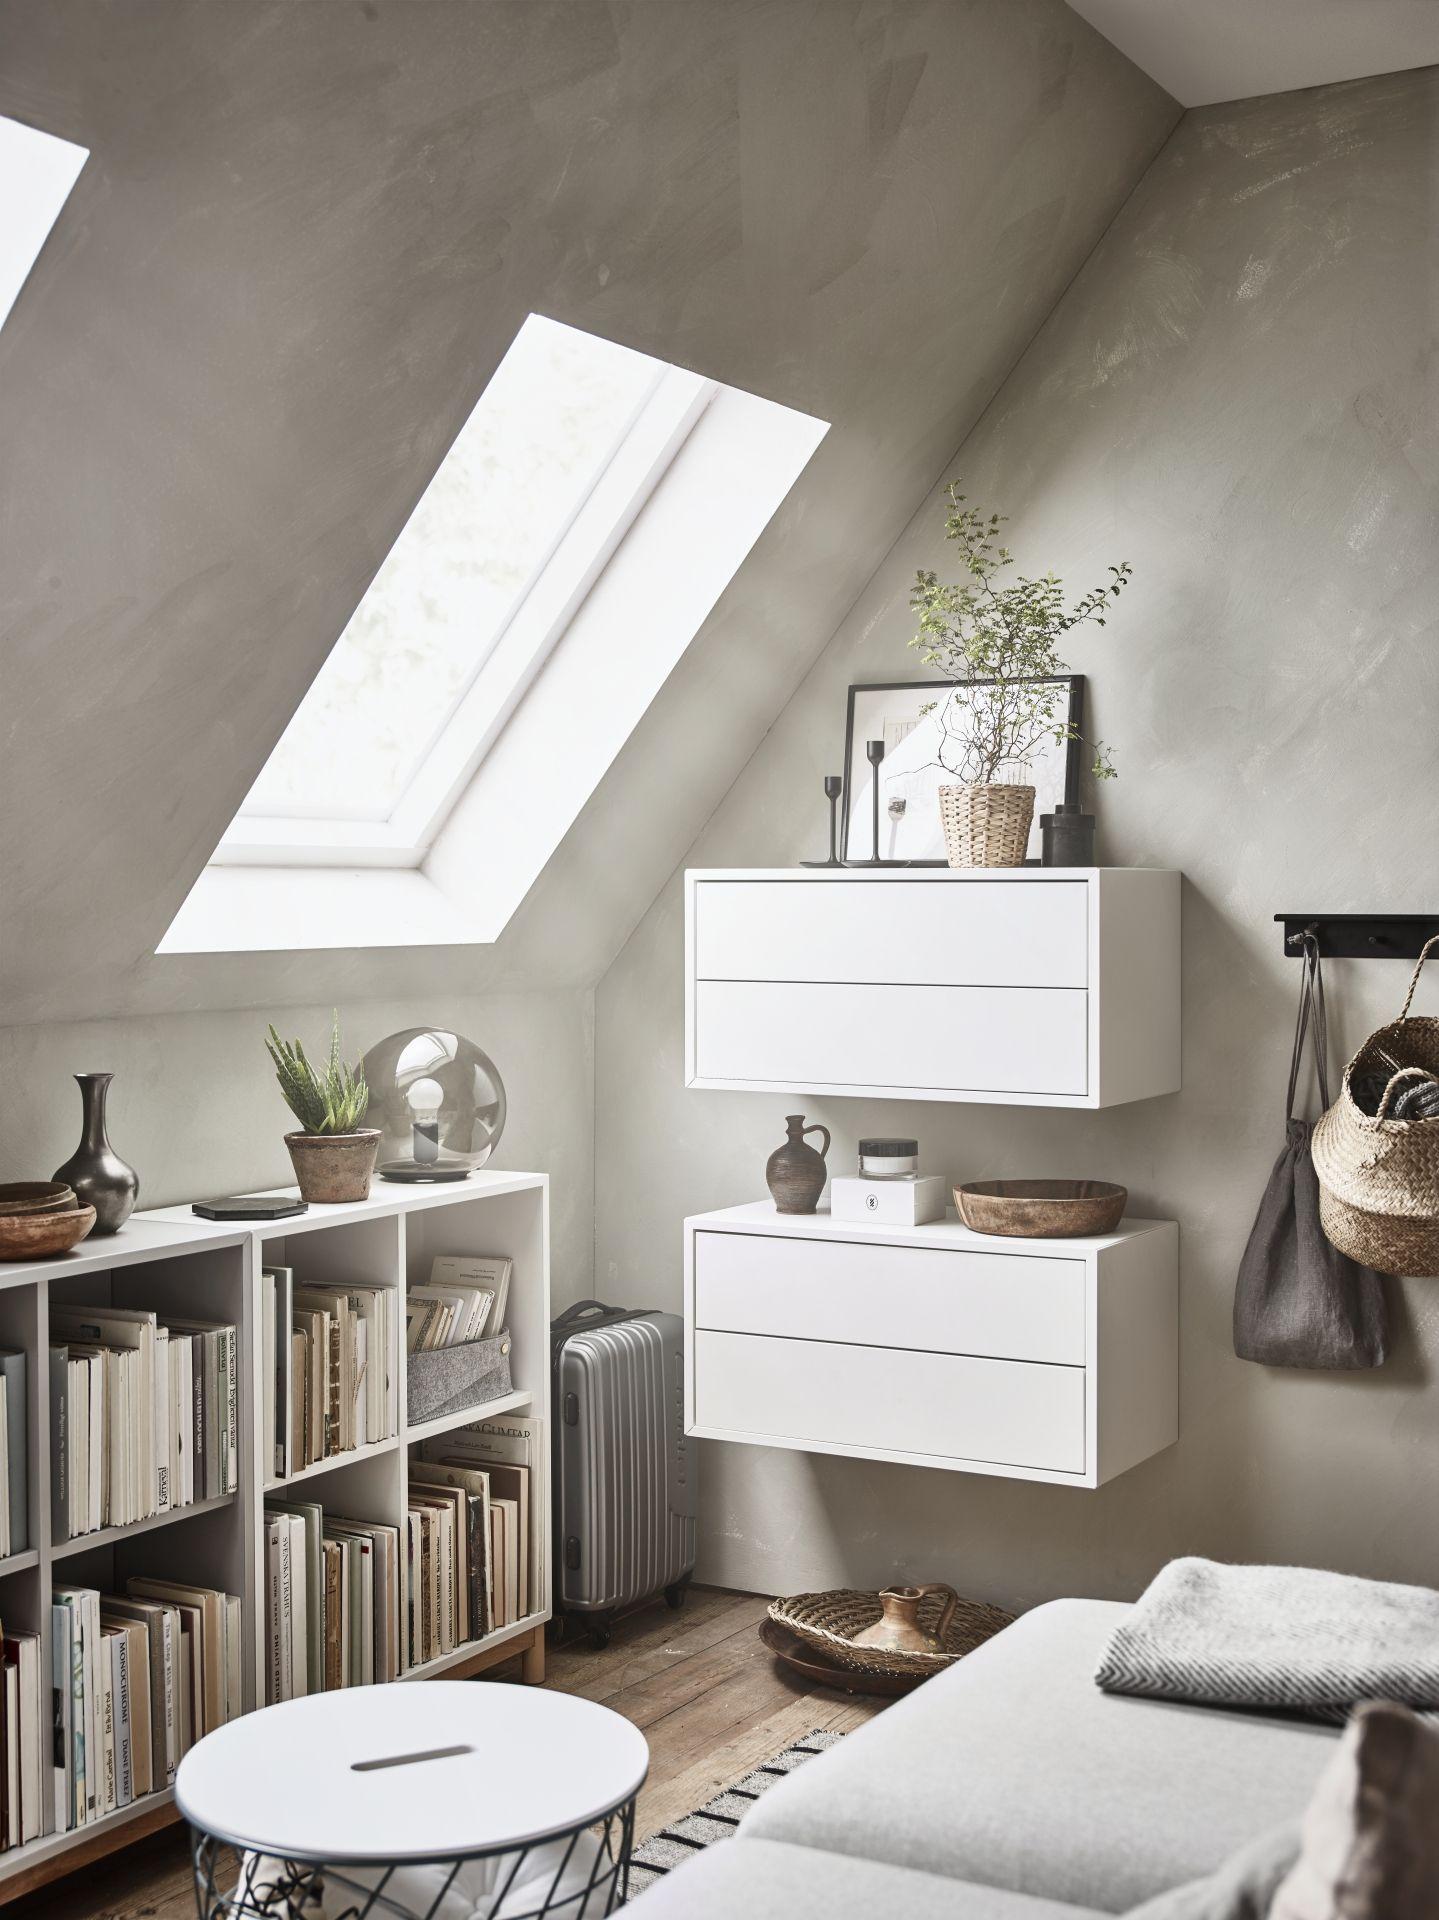 eket schrank mit 2 schubladen wei wohnzimmer pinterest wohnzimmer ikea und schlafzimmer. Black Bedroom Furniture Sets. Home Design Ideas